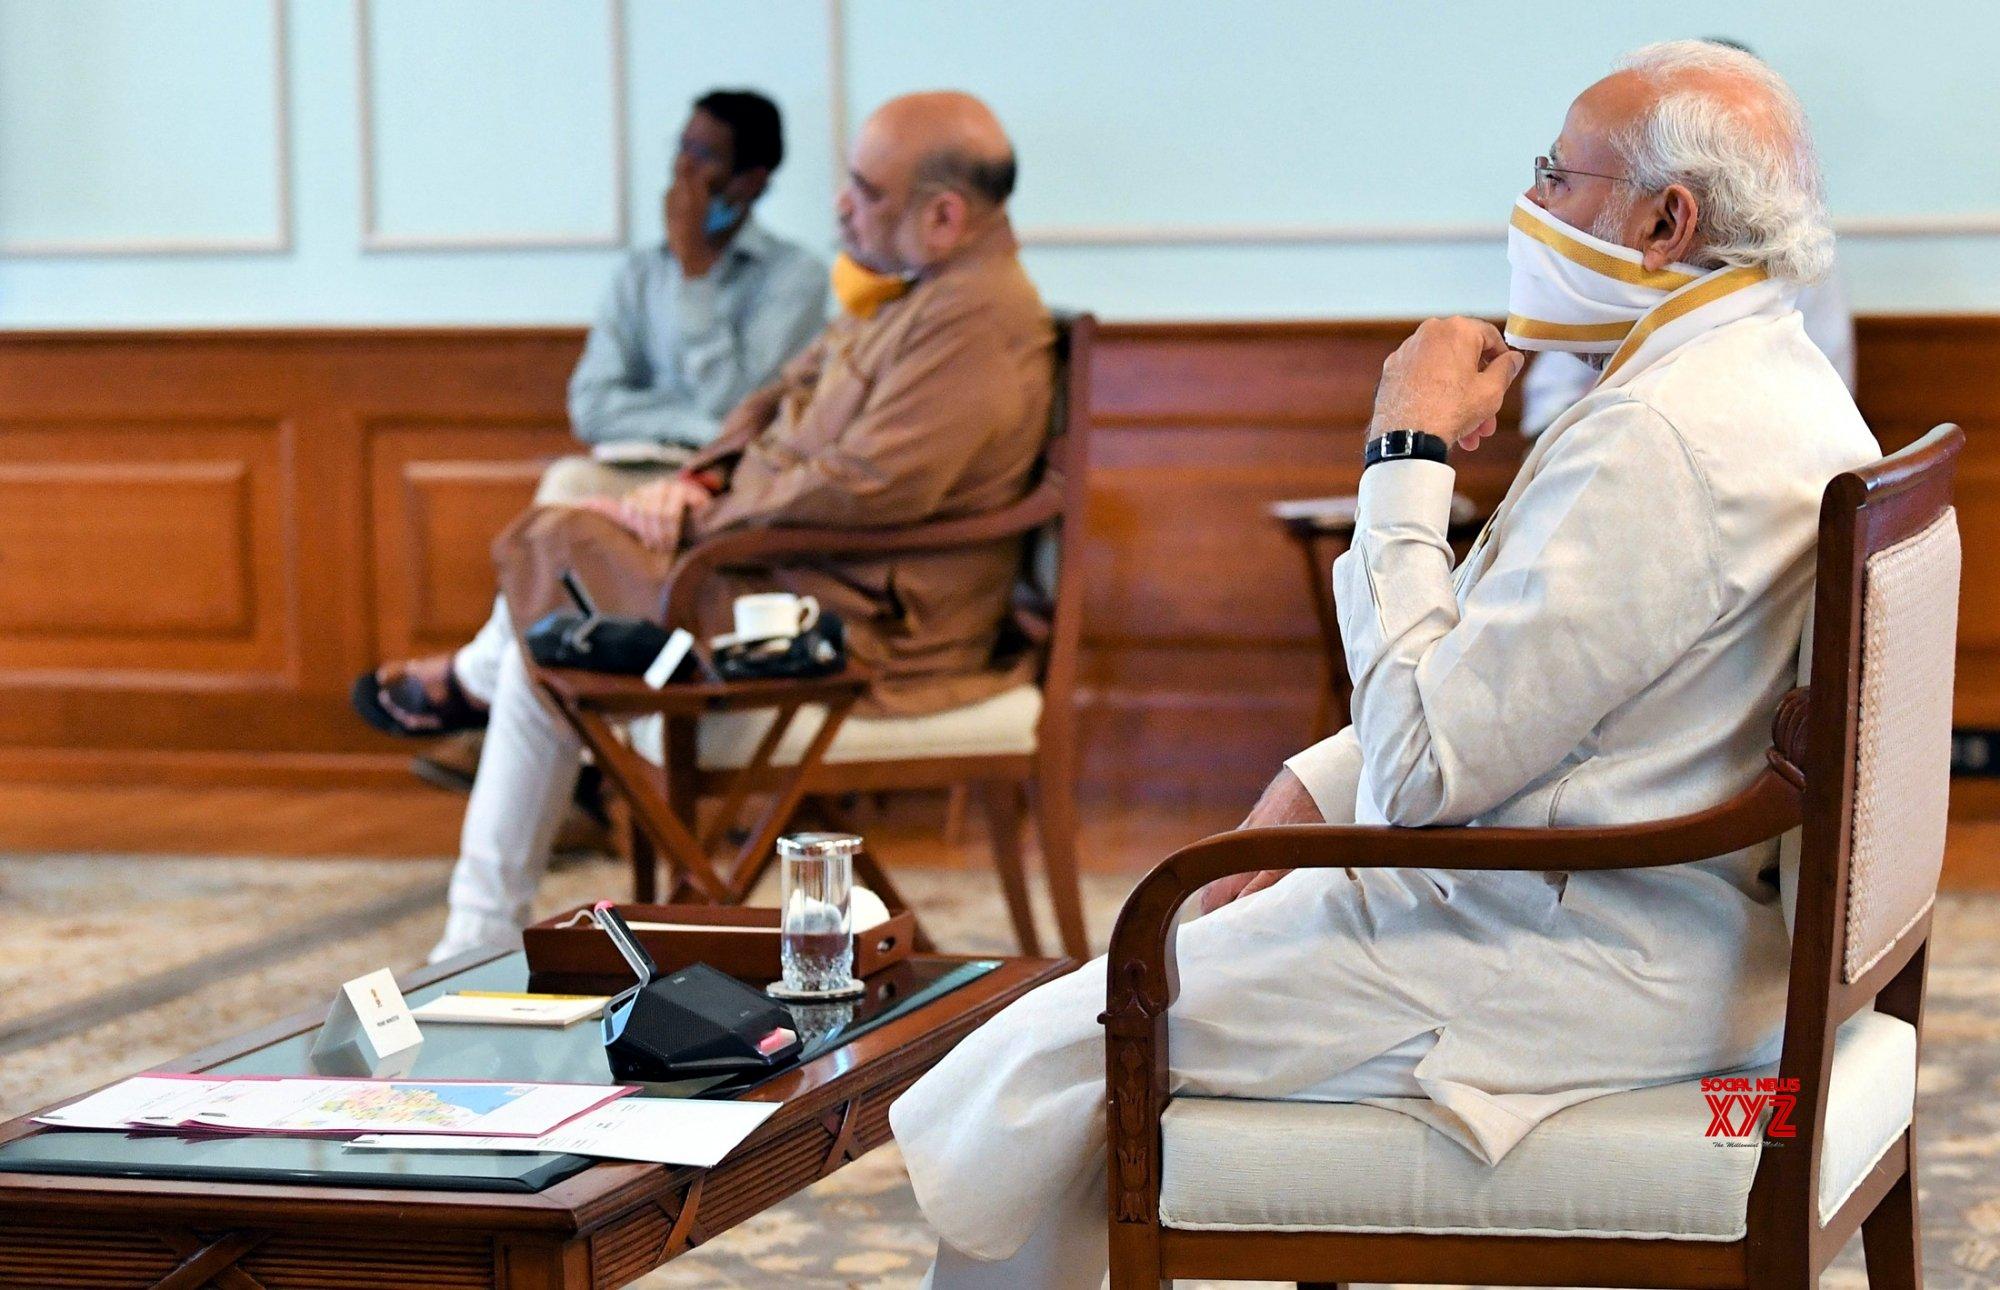 पीएम मोदी की अगुवाई में हुई हाईलेवल मीटिंग (फाइल फोटो)